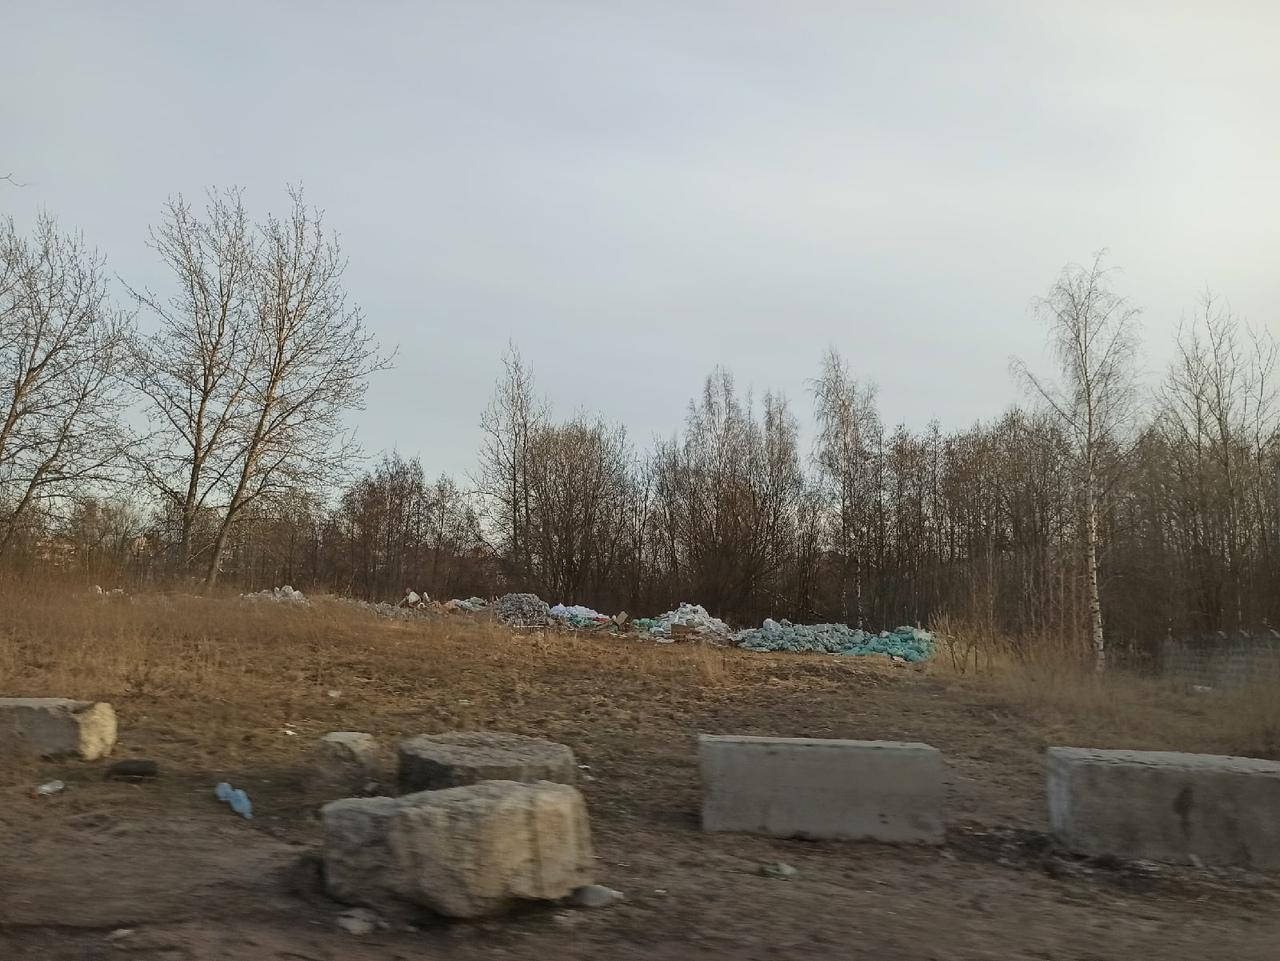 Горы мусора в Невском районе вдоль реки Оккервиль, рядом с Зольной улицей. Свалка все больше и больш...